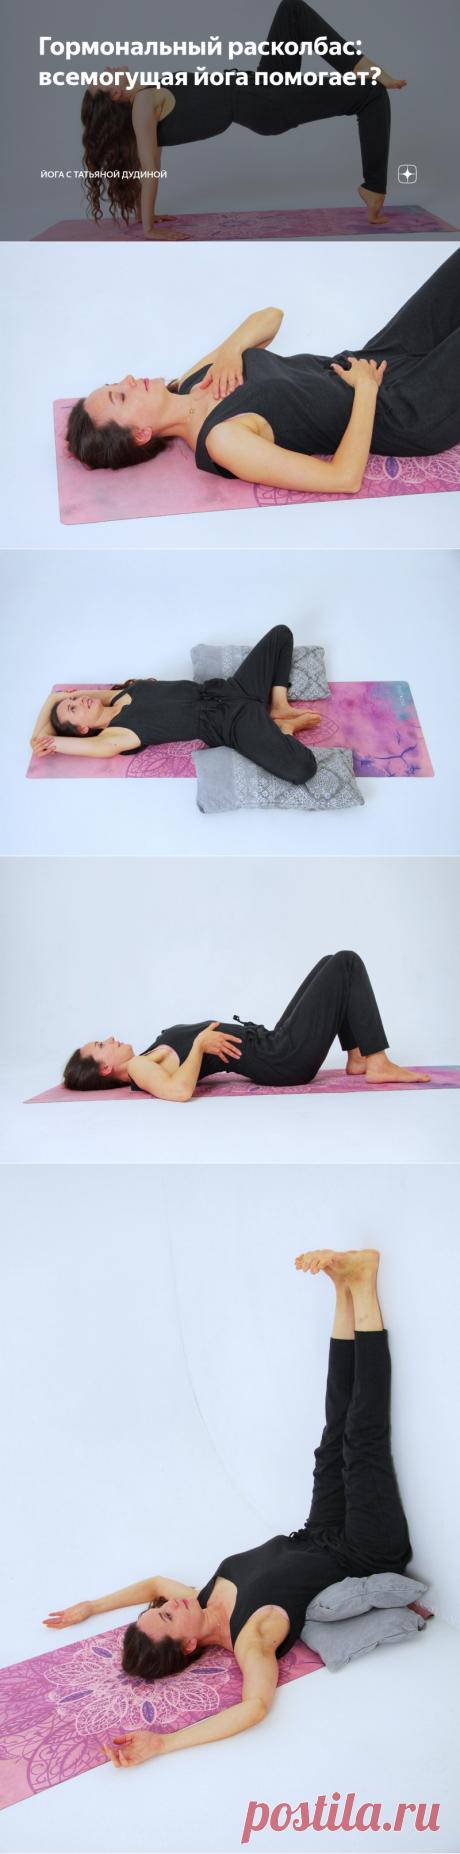 Гормональный расколбас: всемогущая йога помогает? | Йога с Татьяной Дудиной | Яндекс Дзен